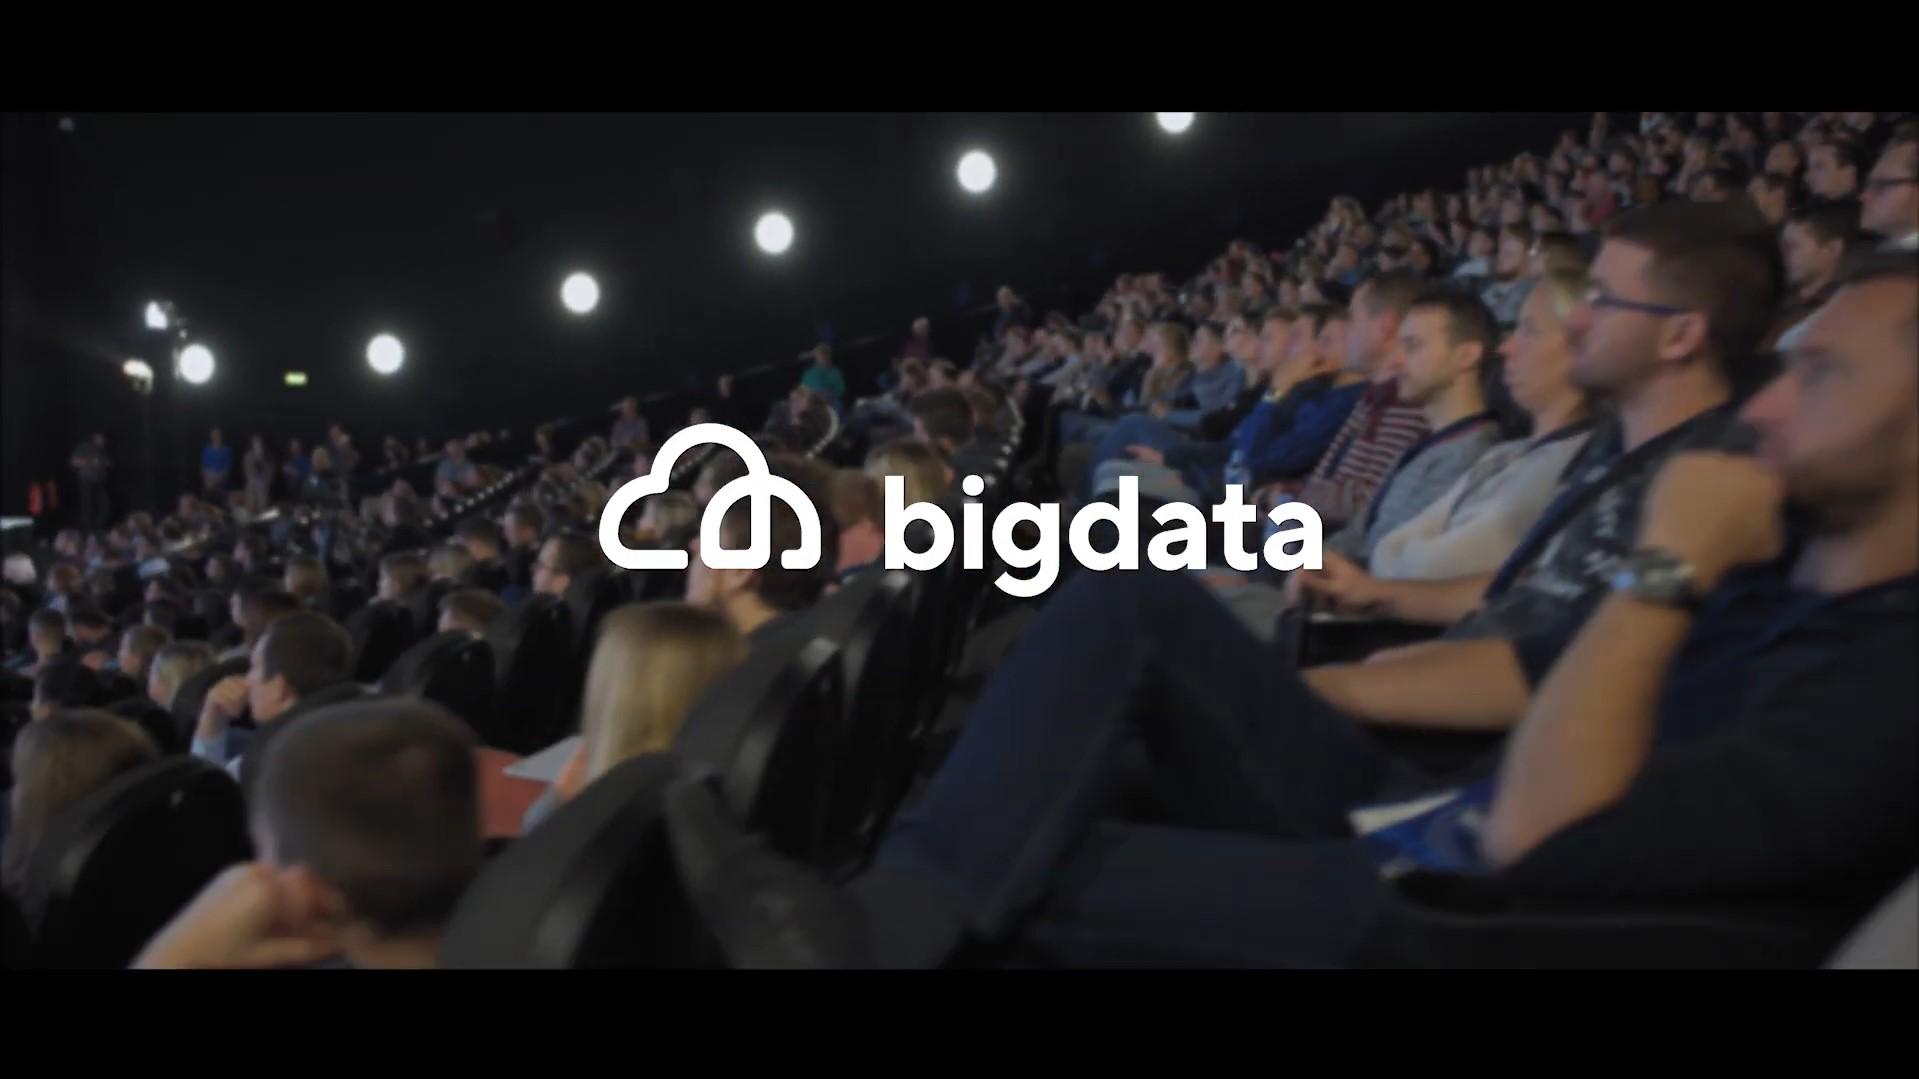 big data vilnius 2018